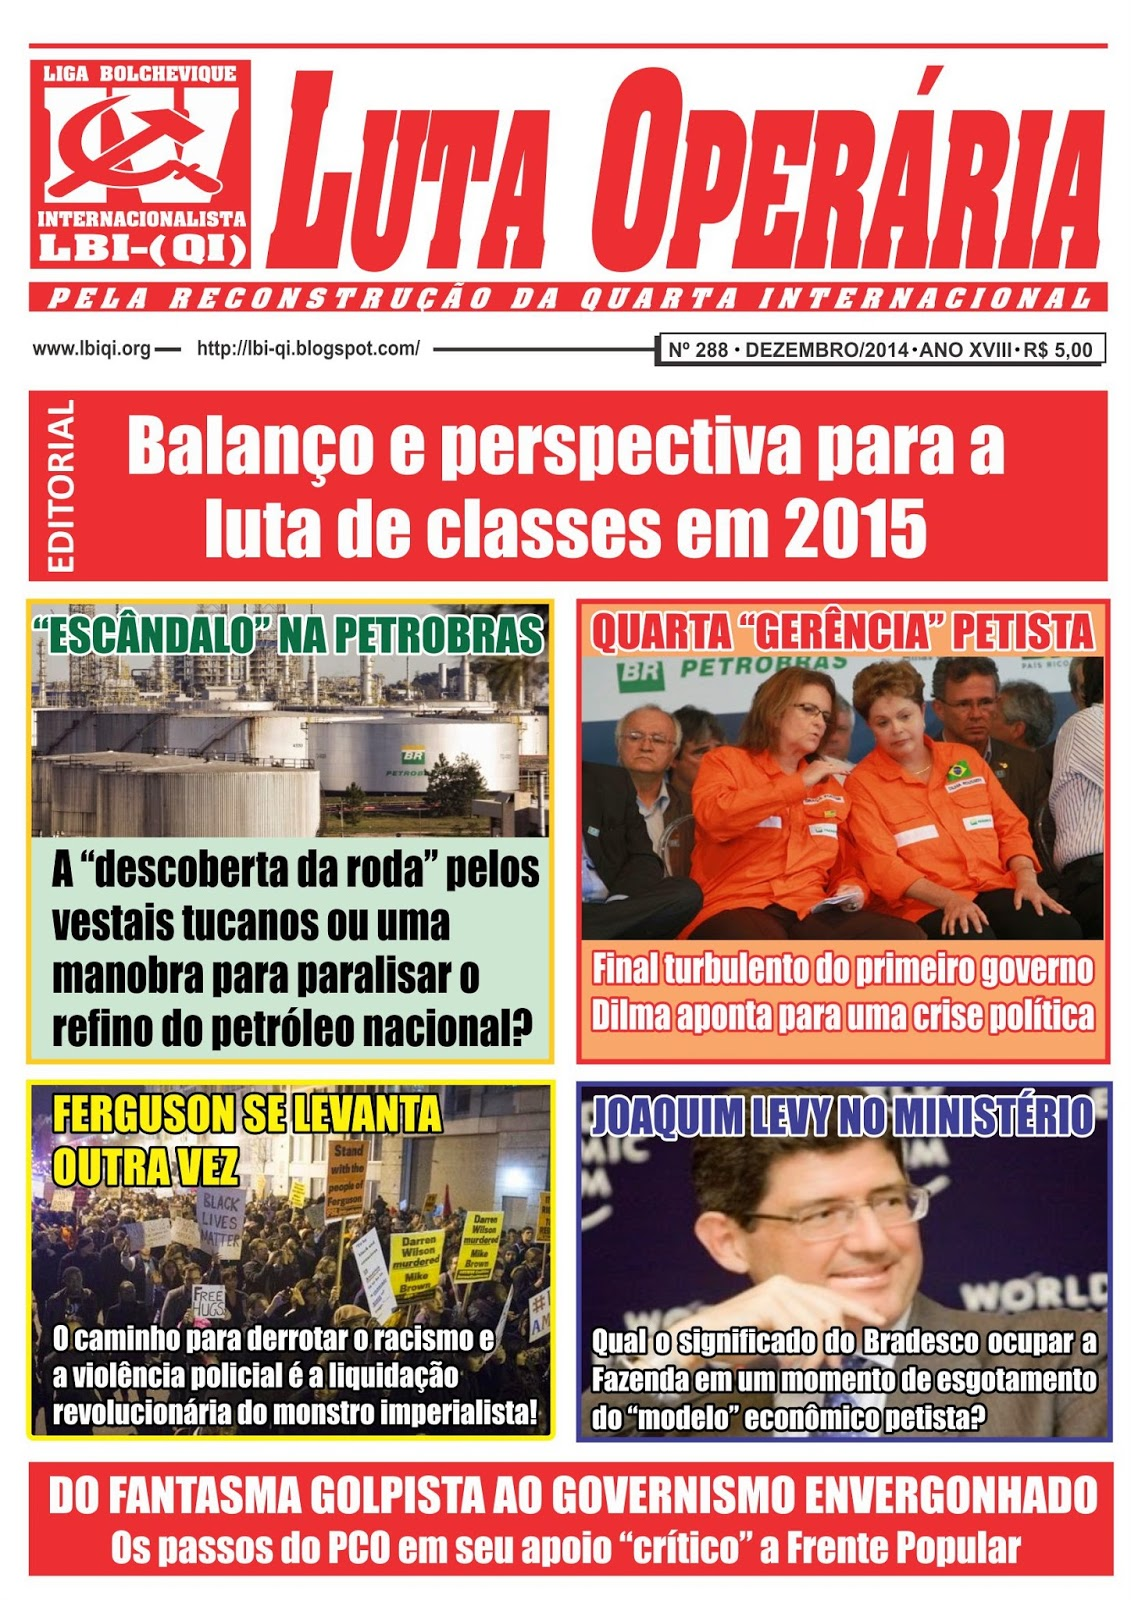 LEIA A EDIÇÃO DO JORNAL LUTA OPERÁRIA Nº 288, DEZEMBRO/2014